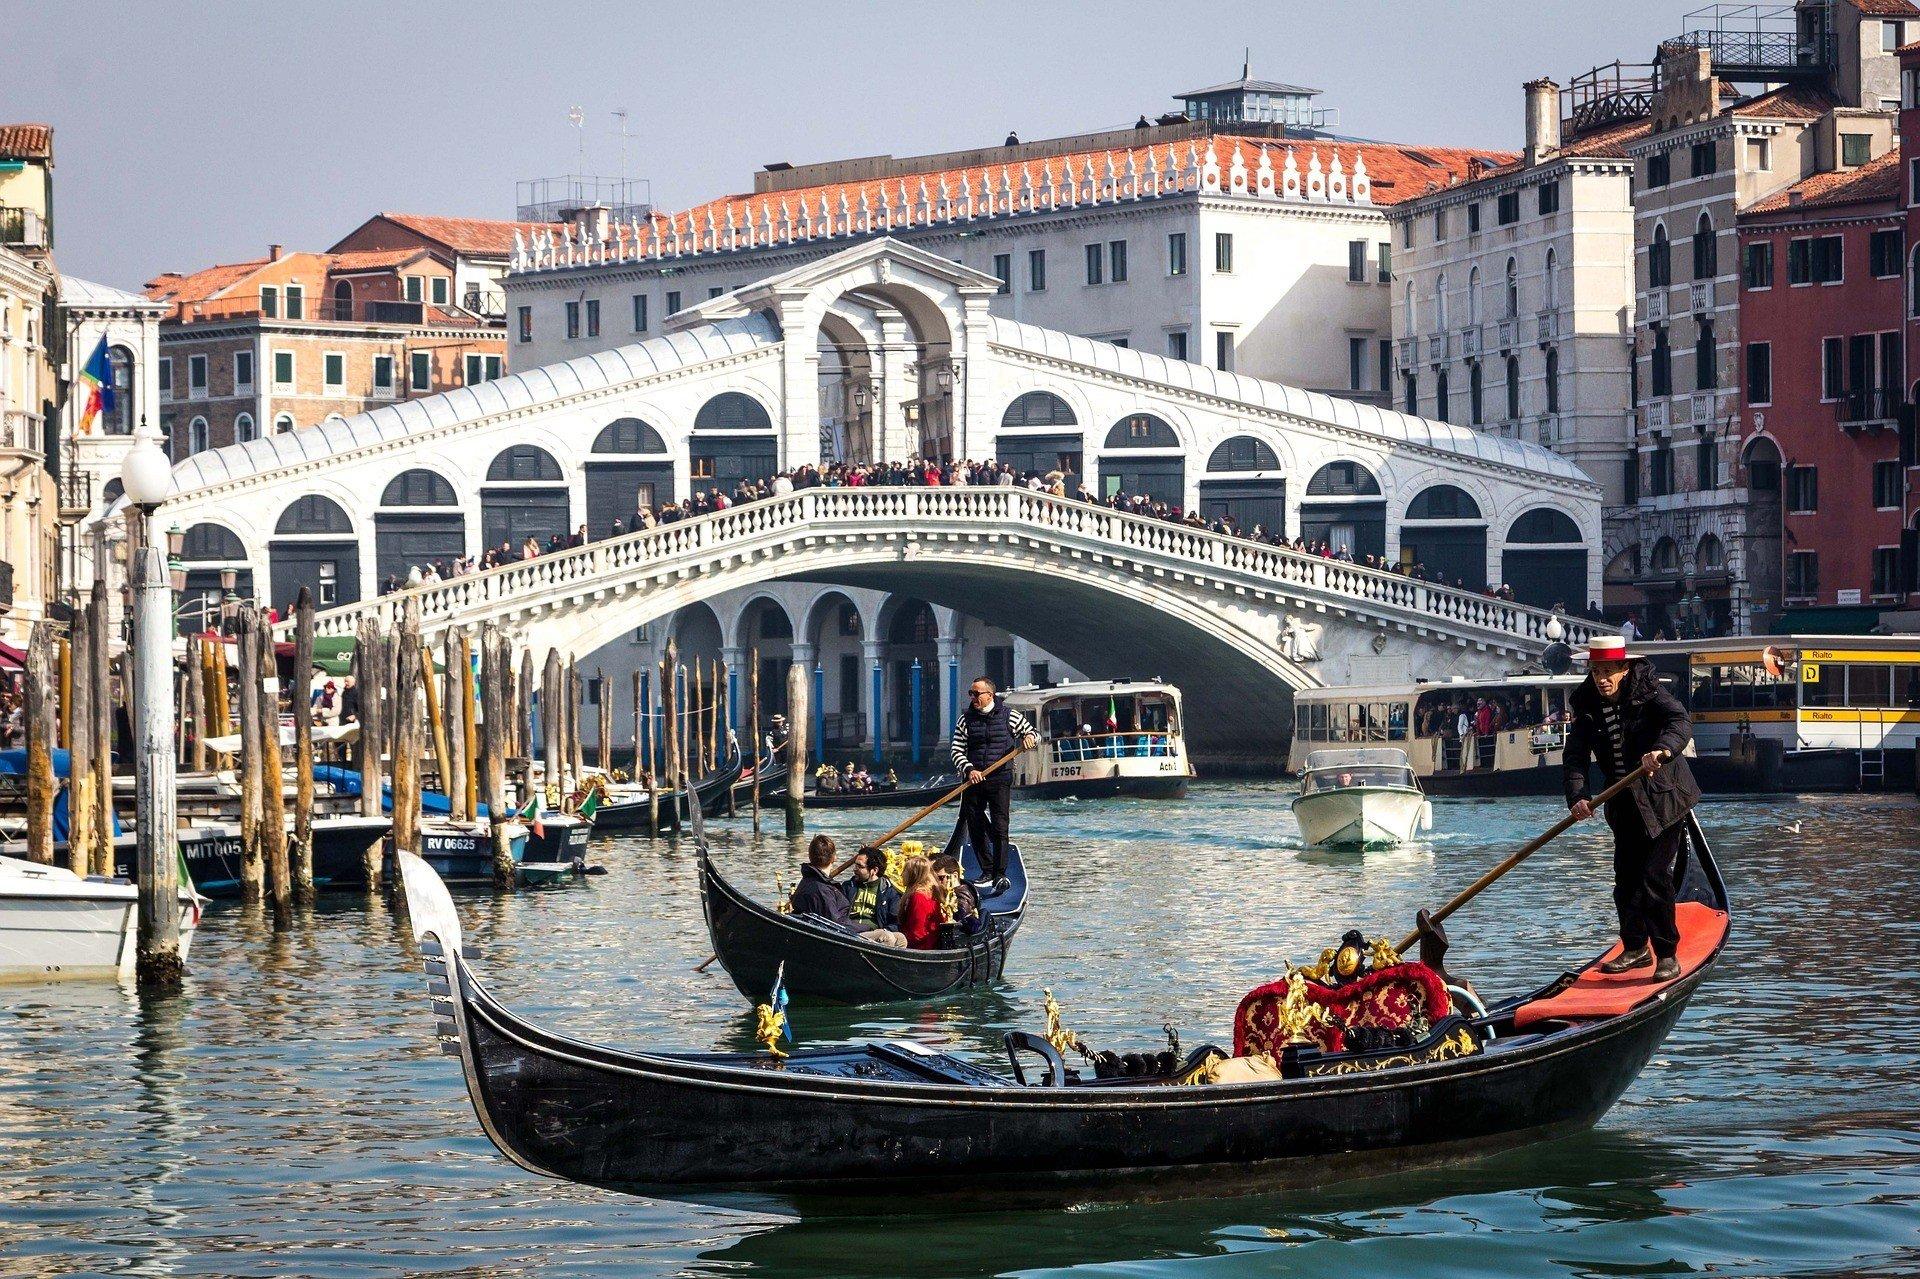 San Polo, Venice